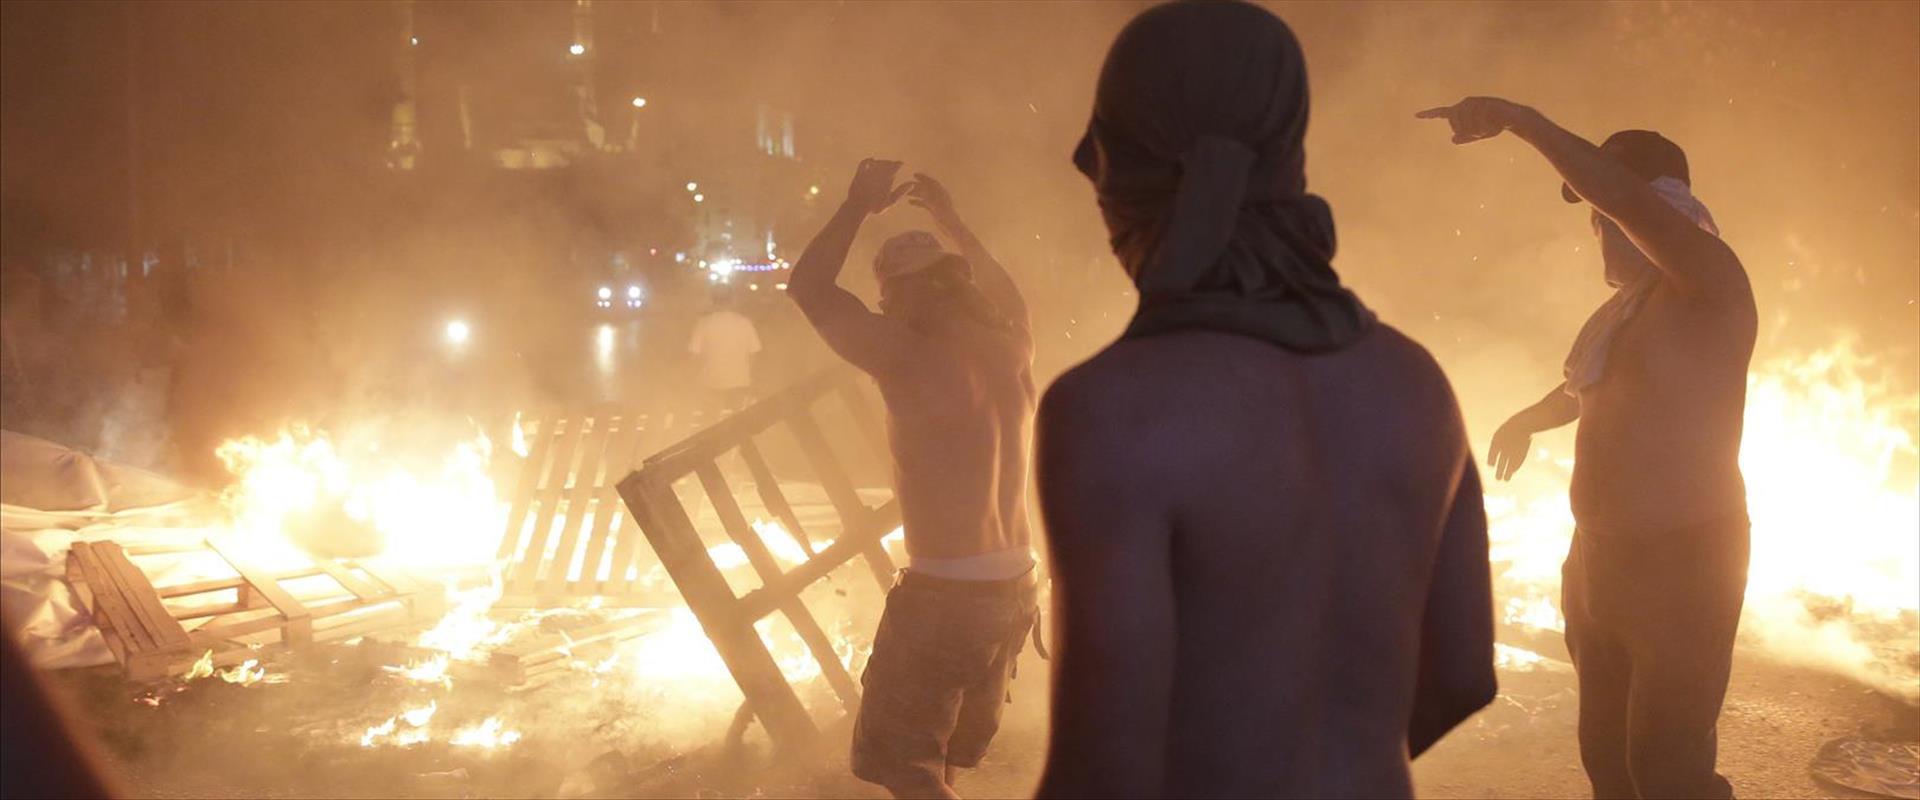 הפגנות בלבנון, הלילה